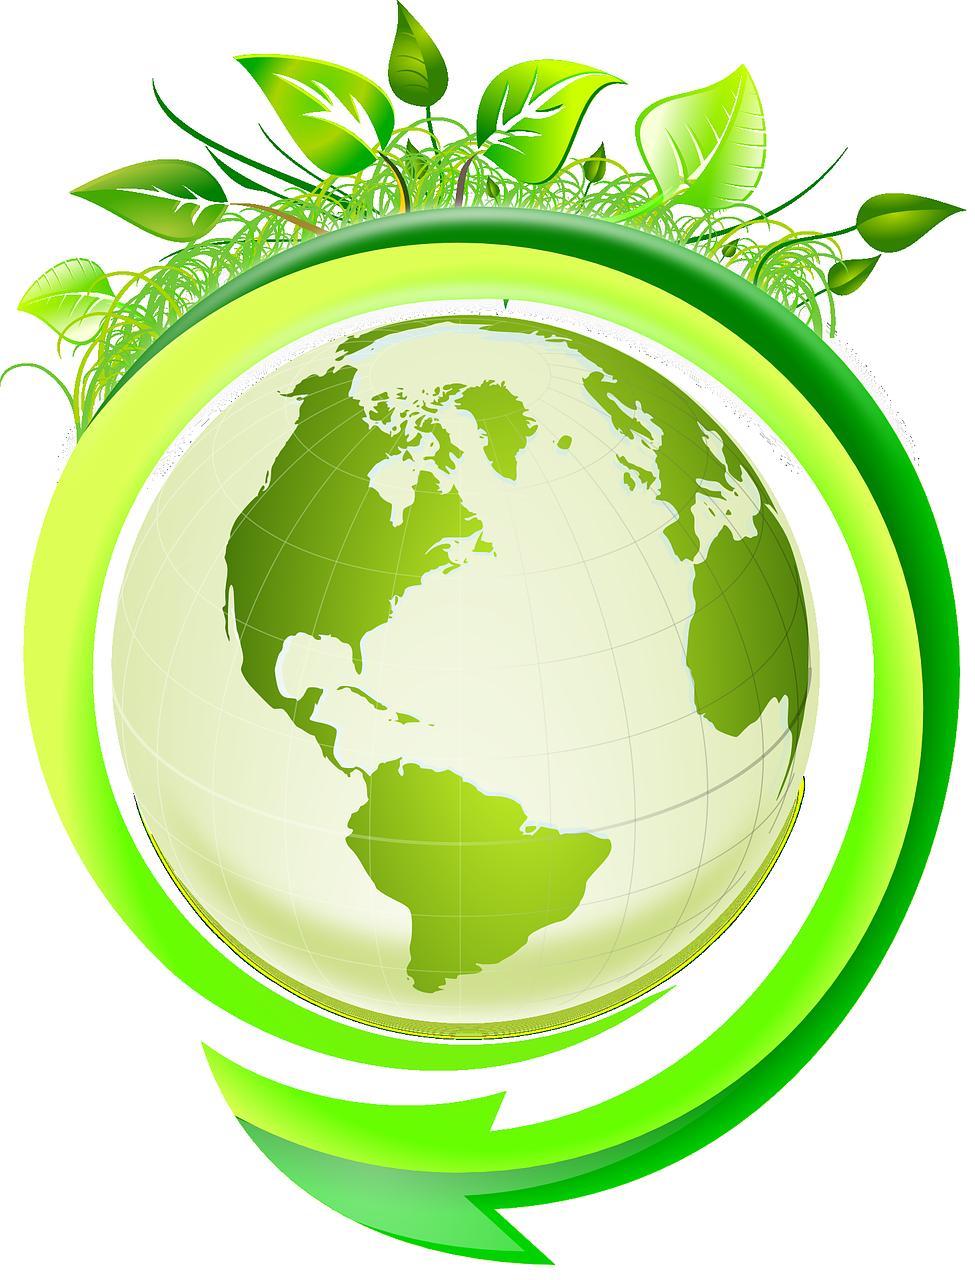 картинки глобус экология проявление